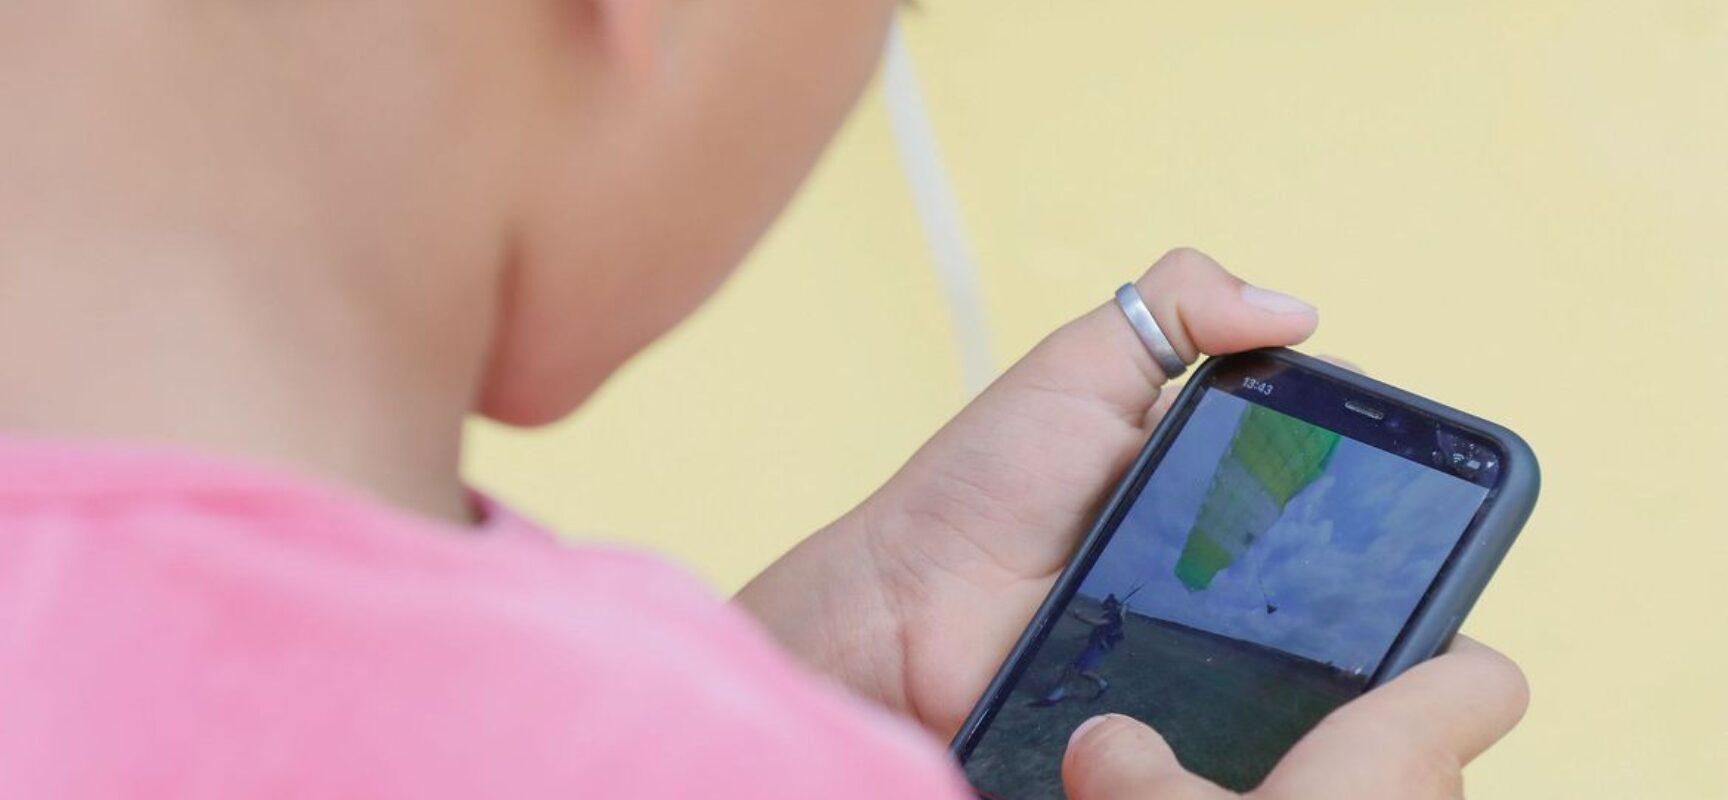 Pesquisadores alertam para riscos de crianças expostas a telas